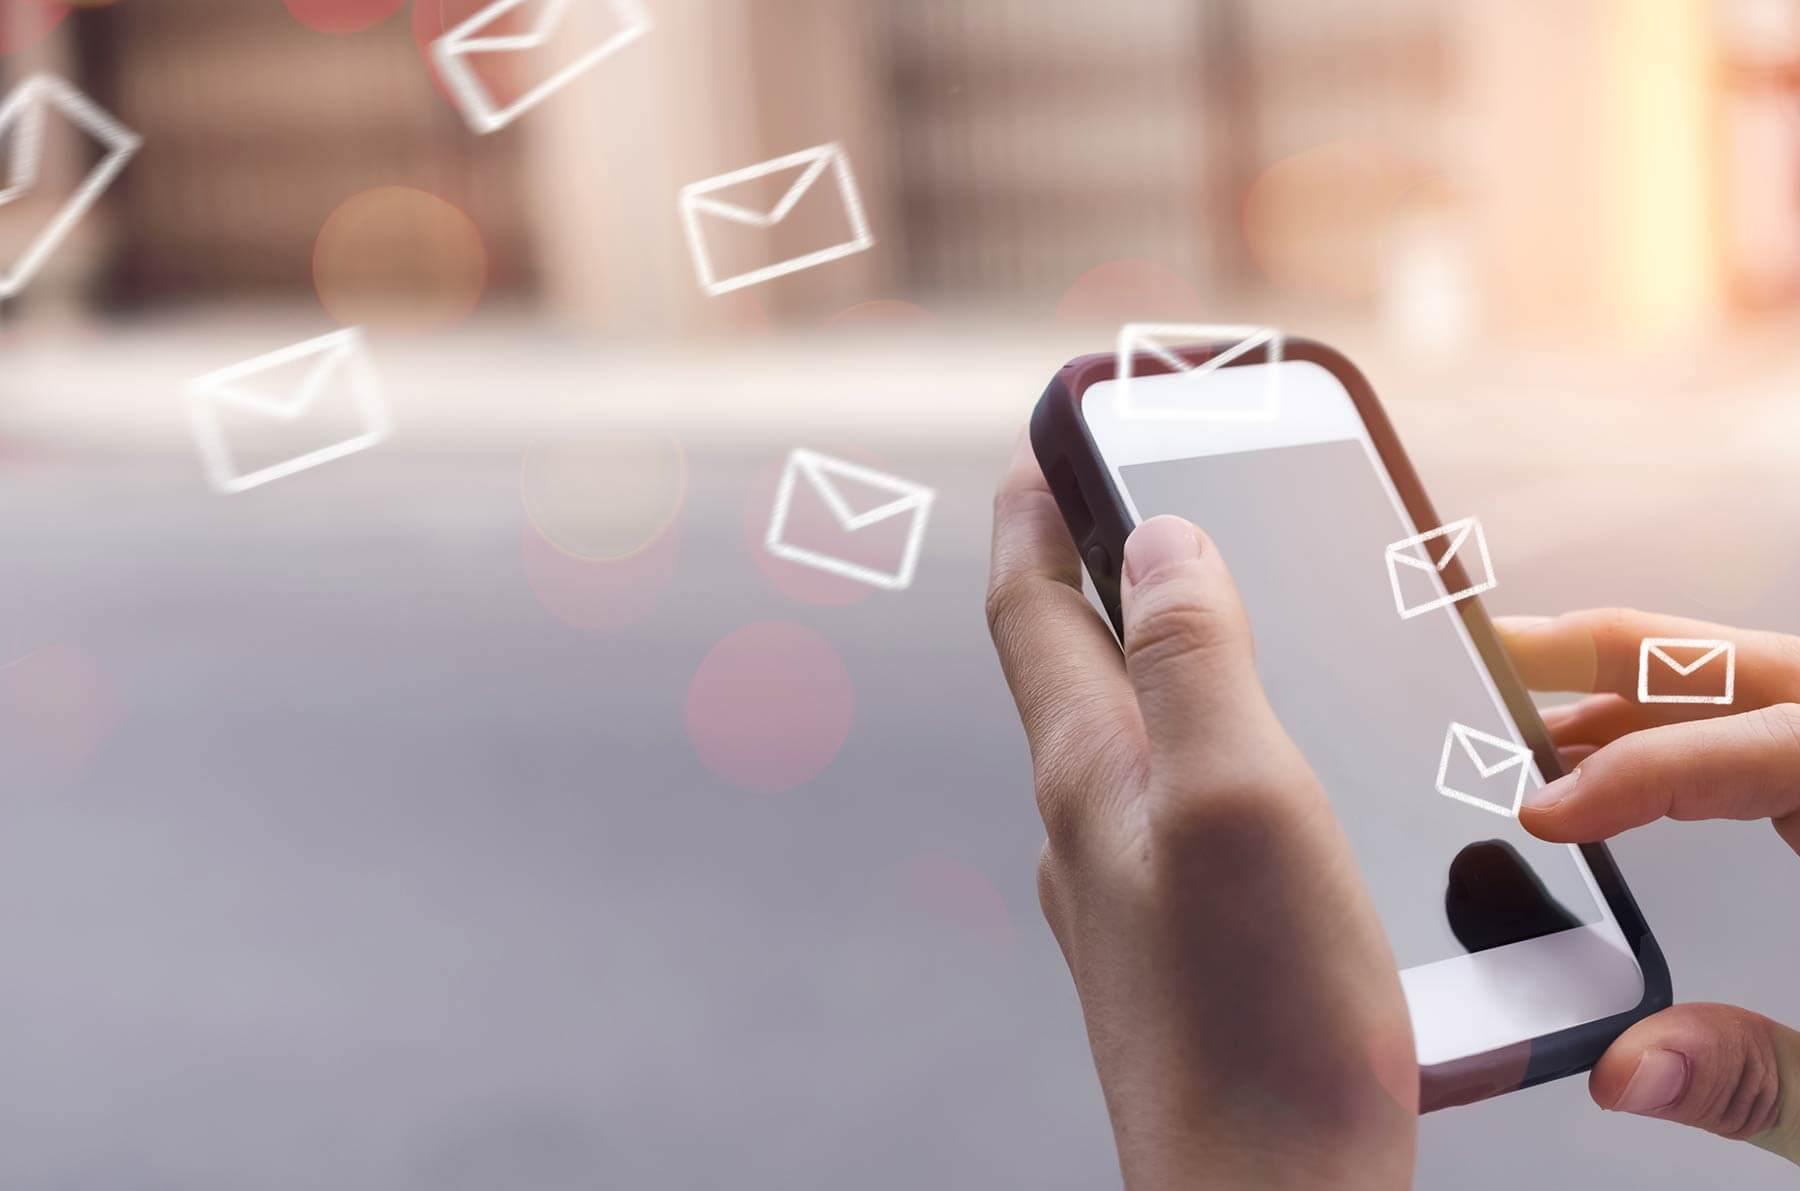 3 نگرانی اصلی صاحبان کسب و کار در مورد بازاریابی پیامکی